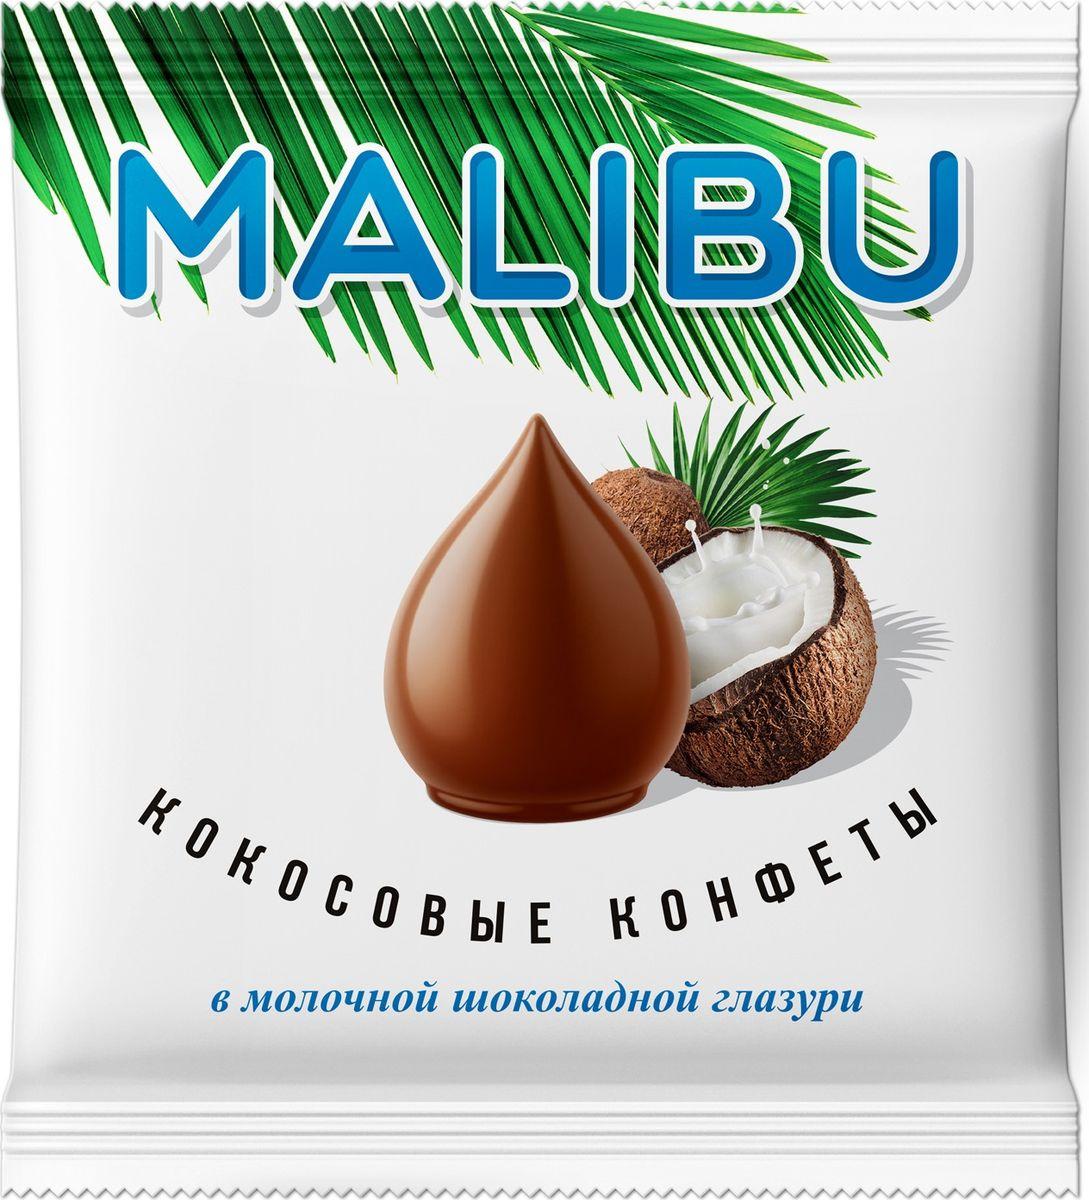 Malibu Кокос в молочной шоколадной глазури конфеты, 140 г take a slim bite апельсин батончик фруктово ягодный 30 г